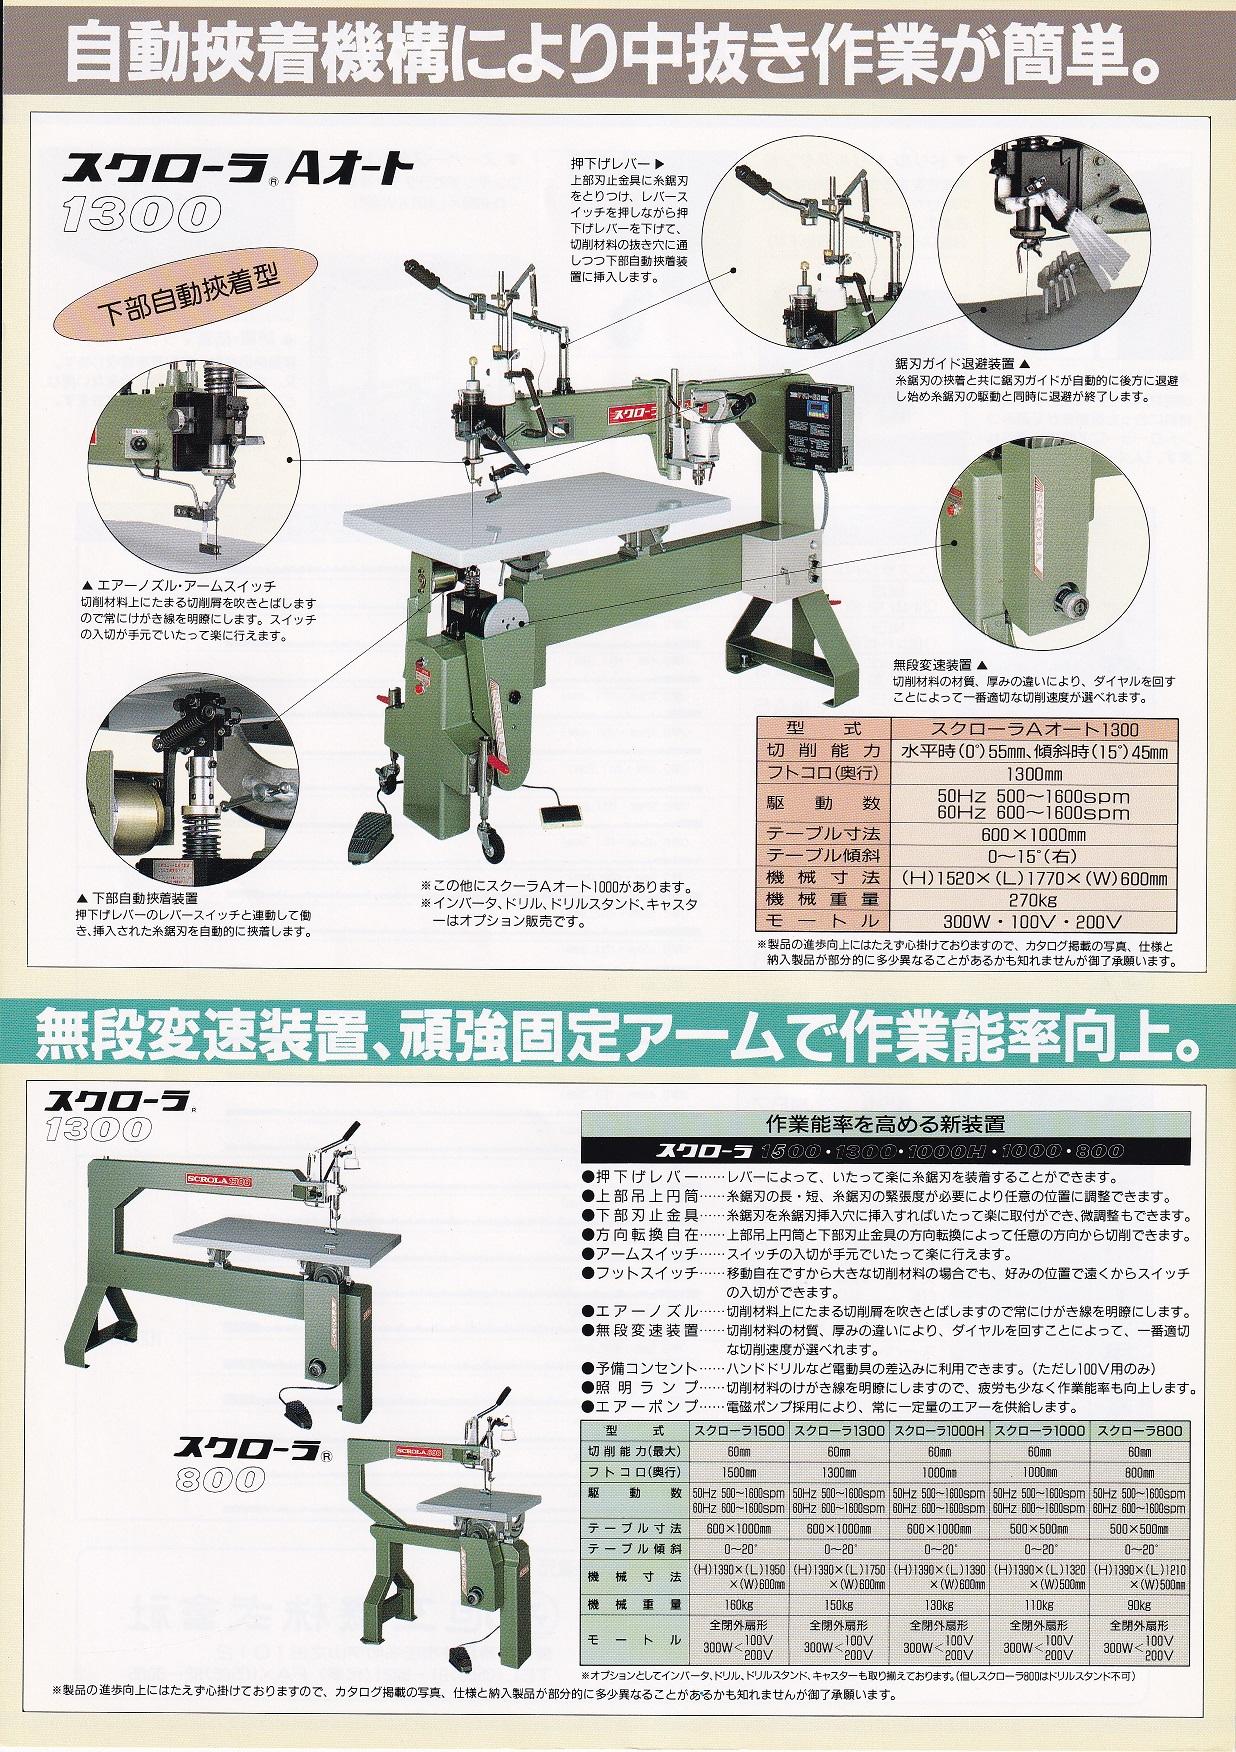 中古木工機械 糸のこ盤